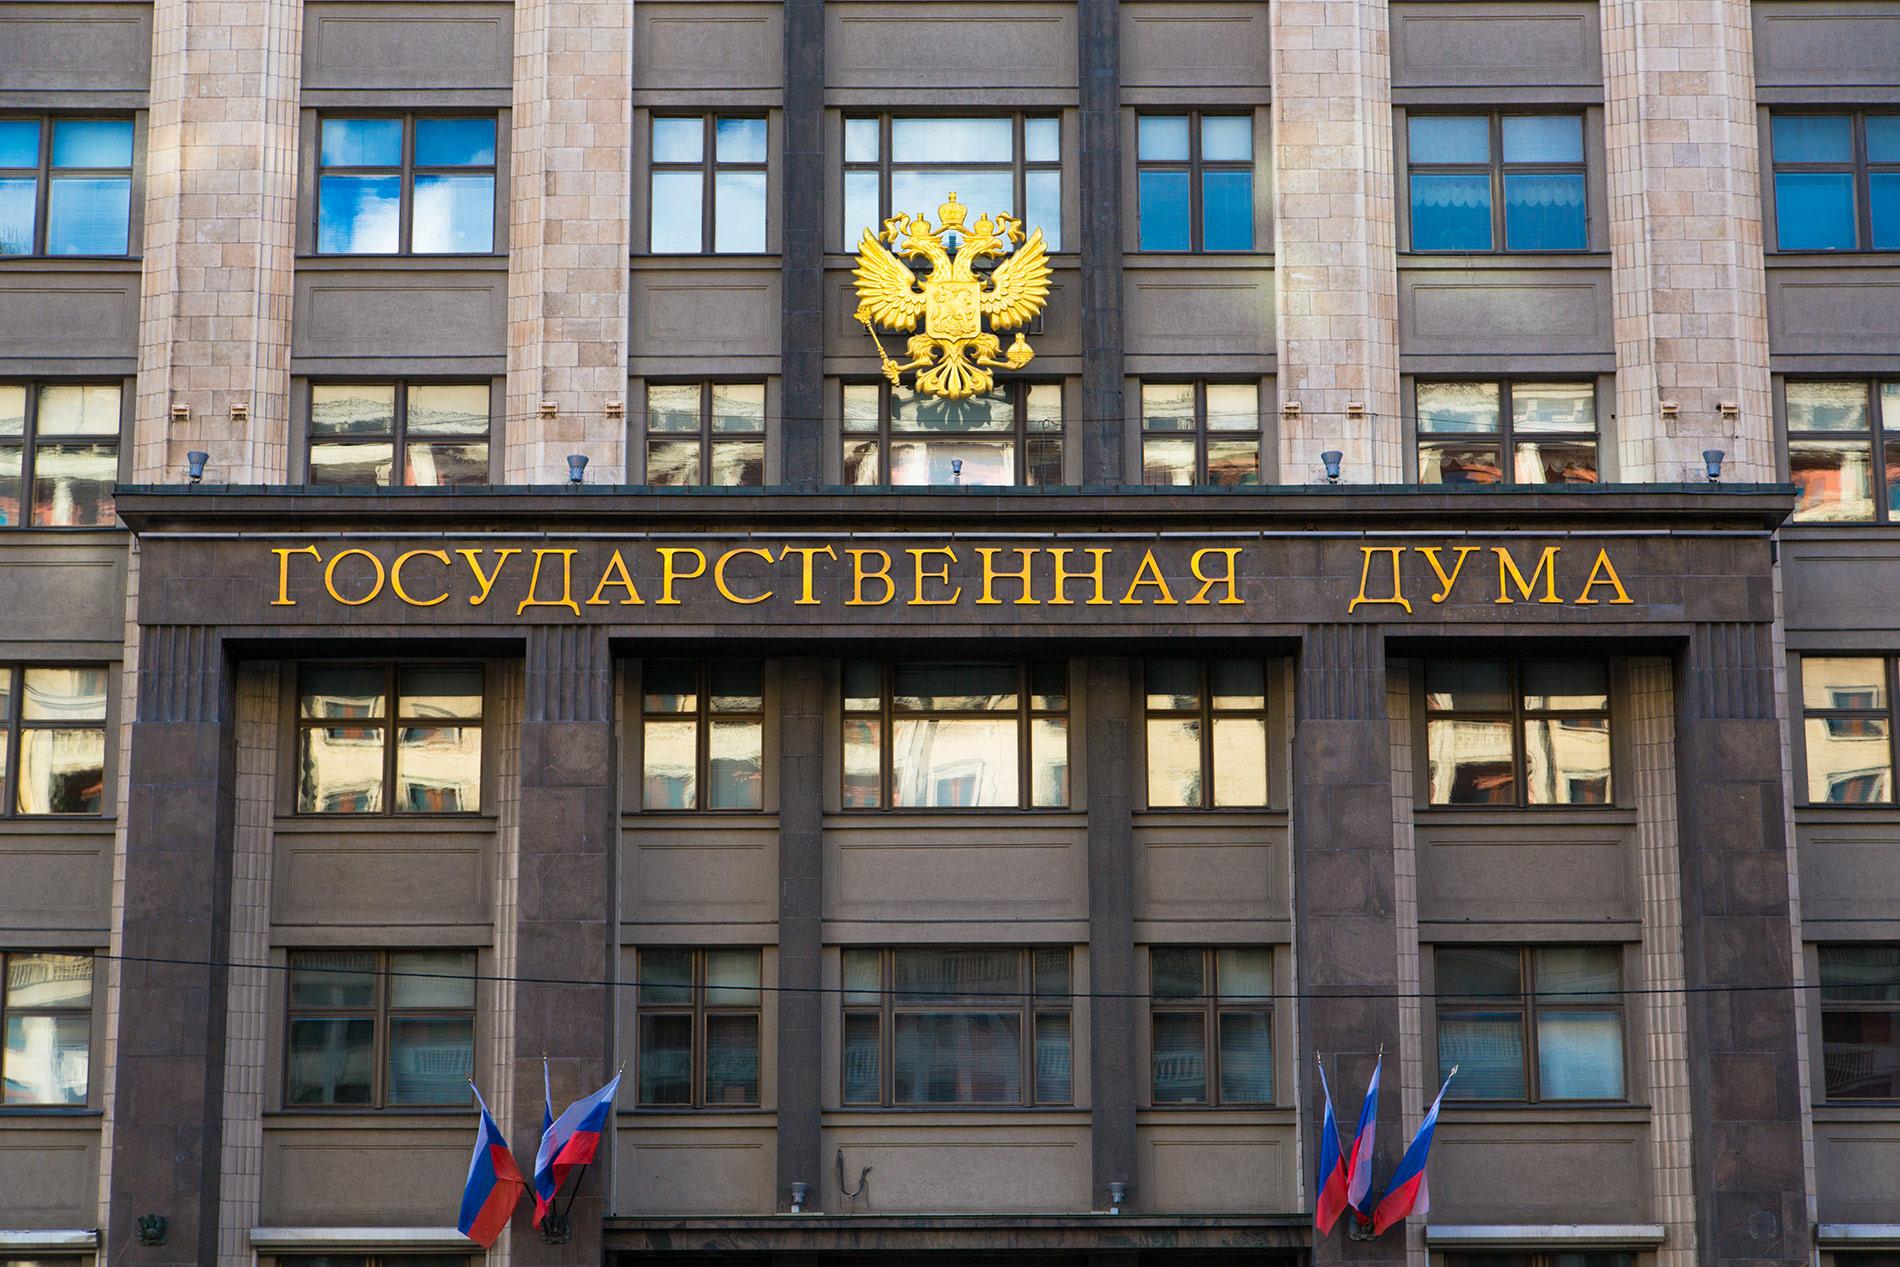 1119859962654.2544 В Кремле отреагировали на слова Зеленского об украинском флаге над Госдумой